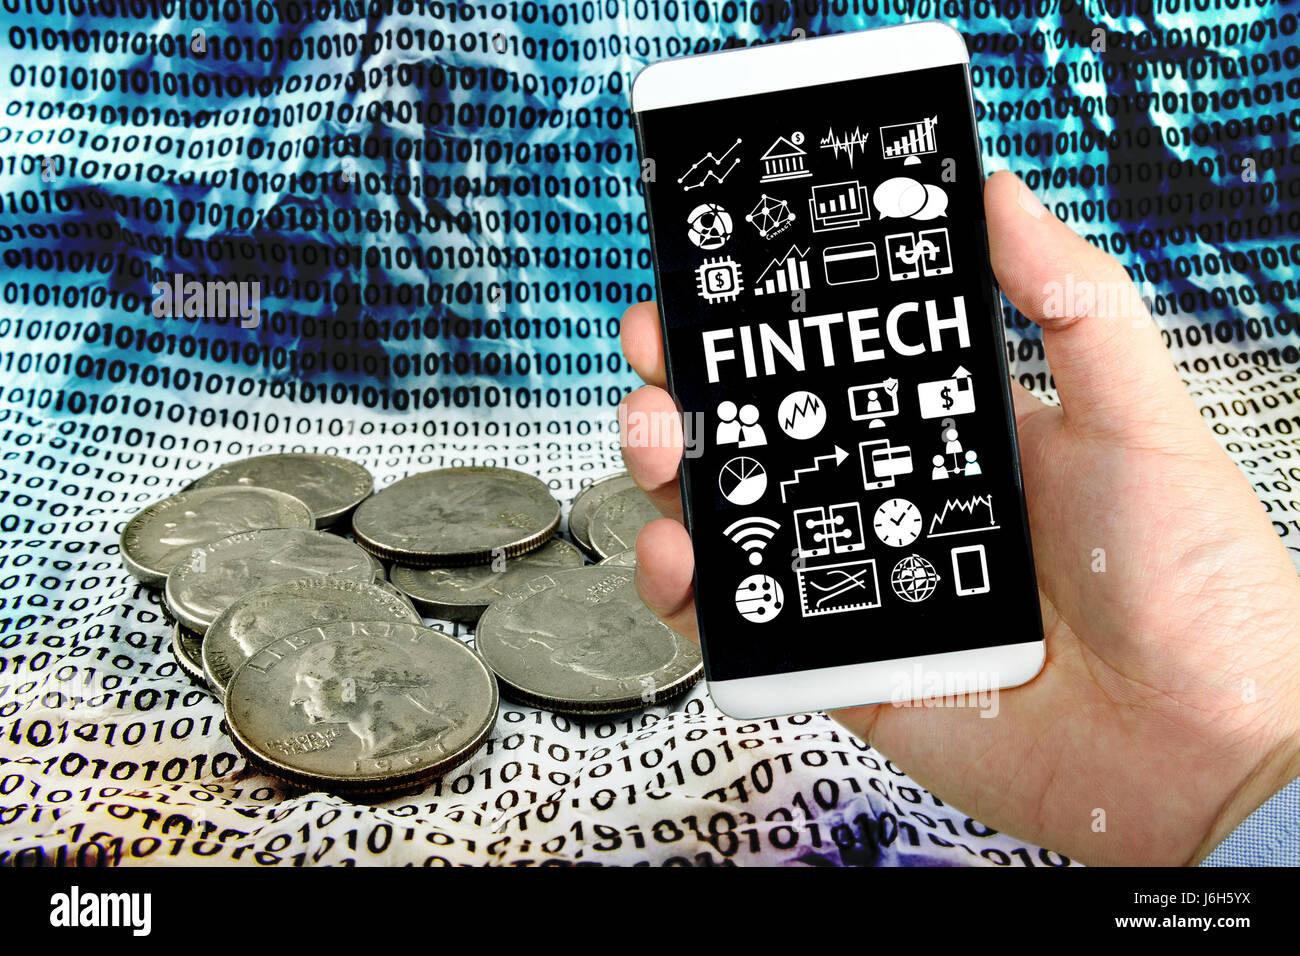 Inversión Fintech financiera Concepto de tecnología de Internet. Empresario mano sujetando smartphone , Tecnología Foto de stock